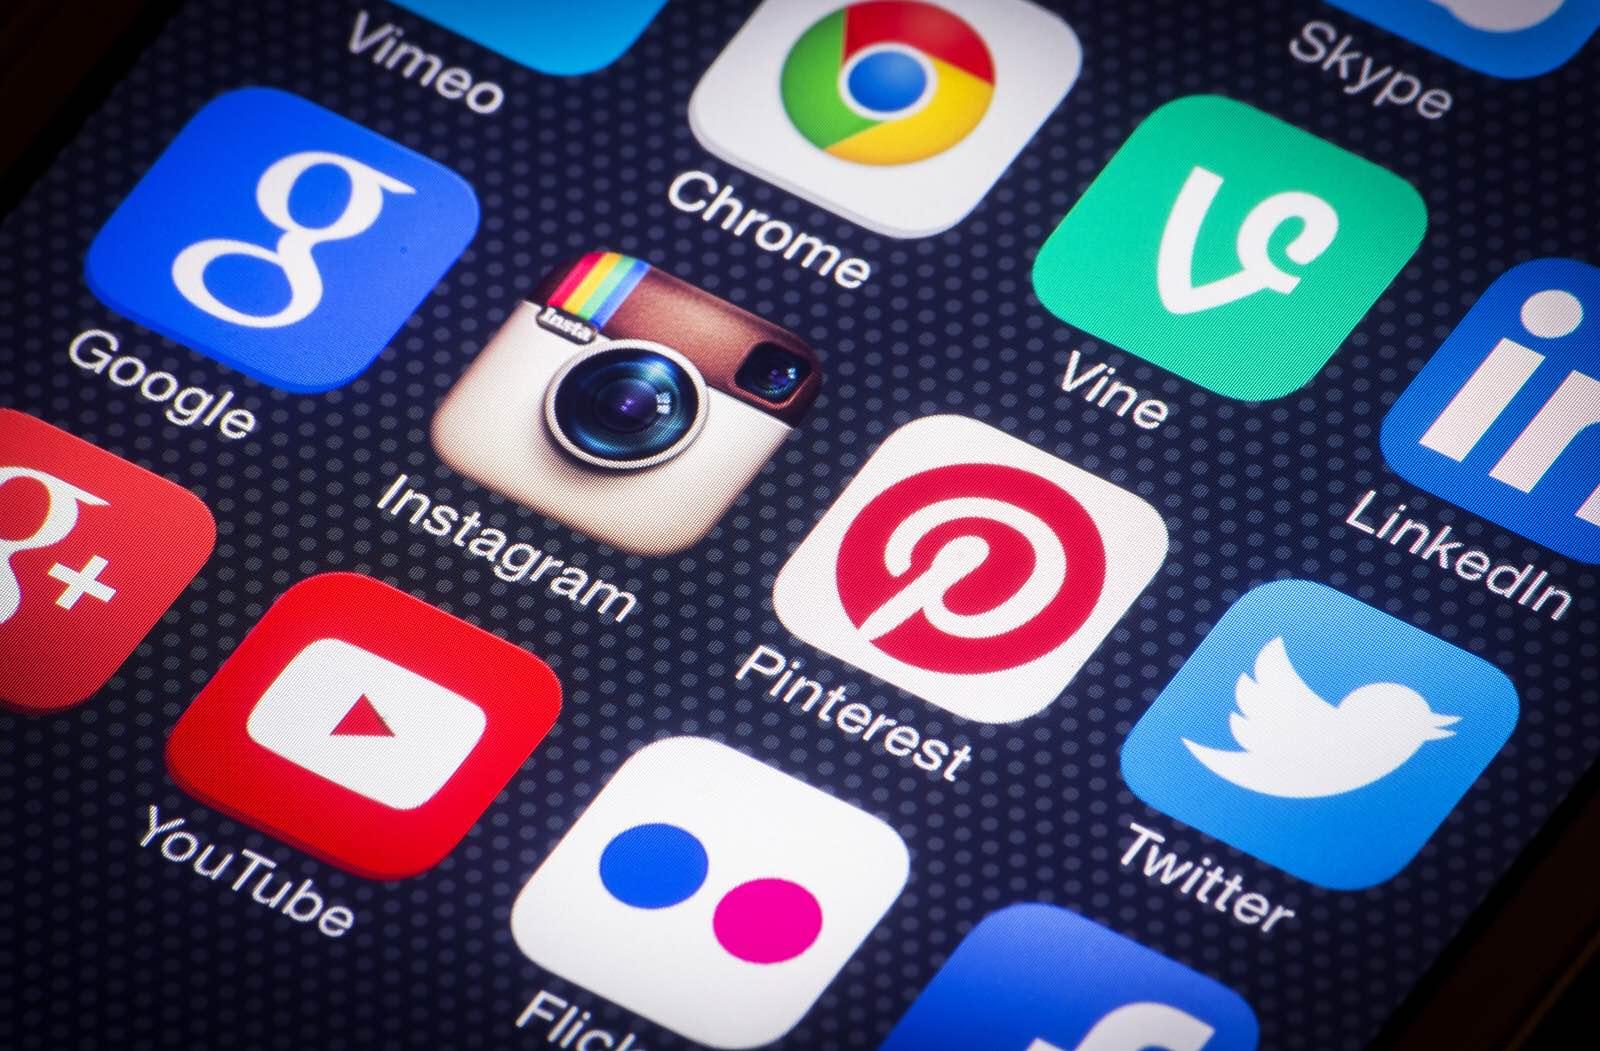 xarxes socials mobil